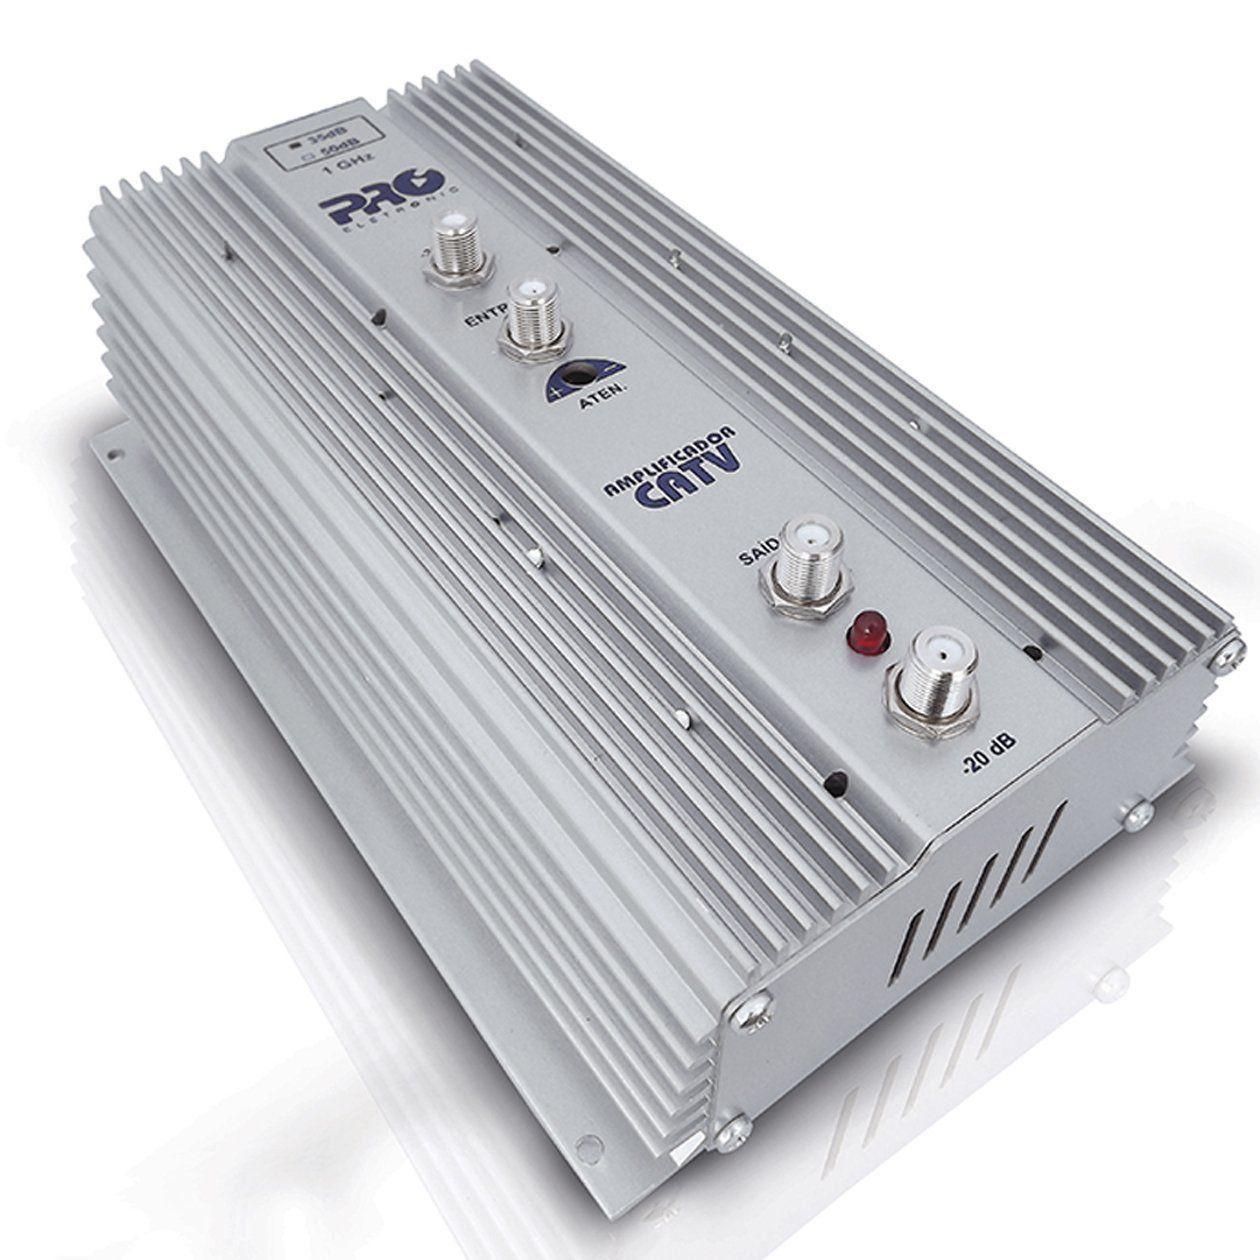 Amplificador de Potência Uhf Vhf Catv 50dB PQAP-7500  - EMPORIO K